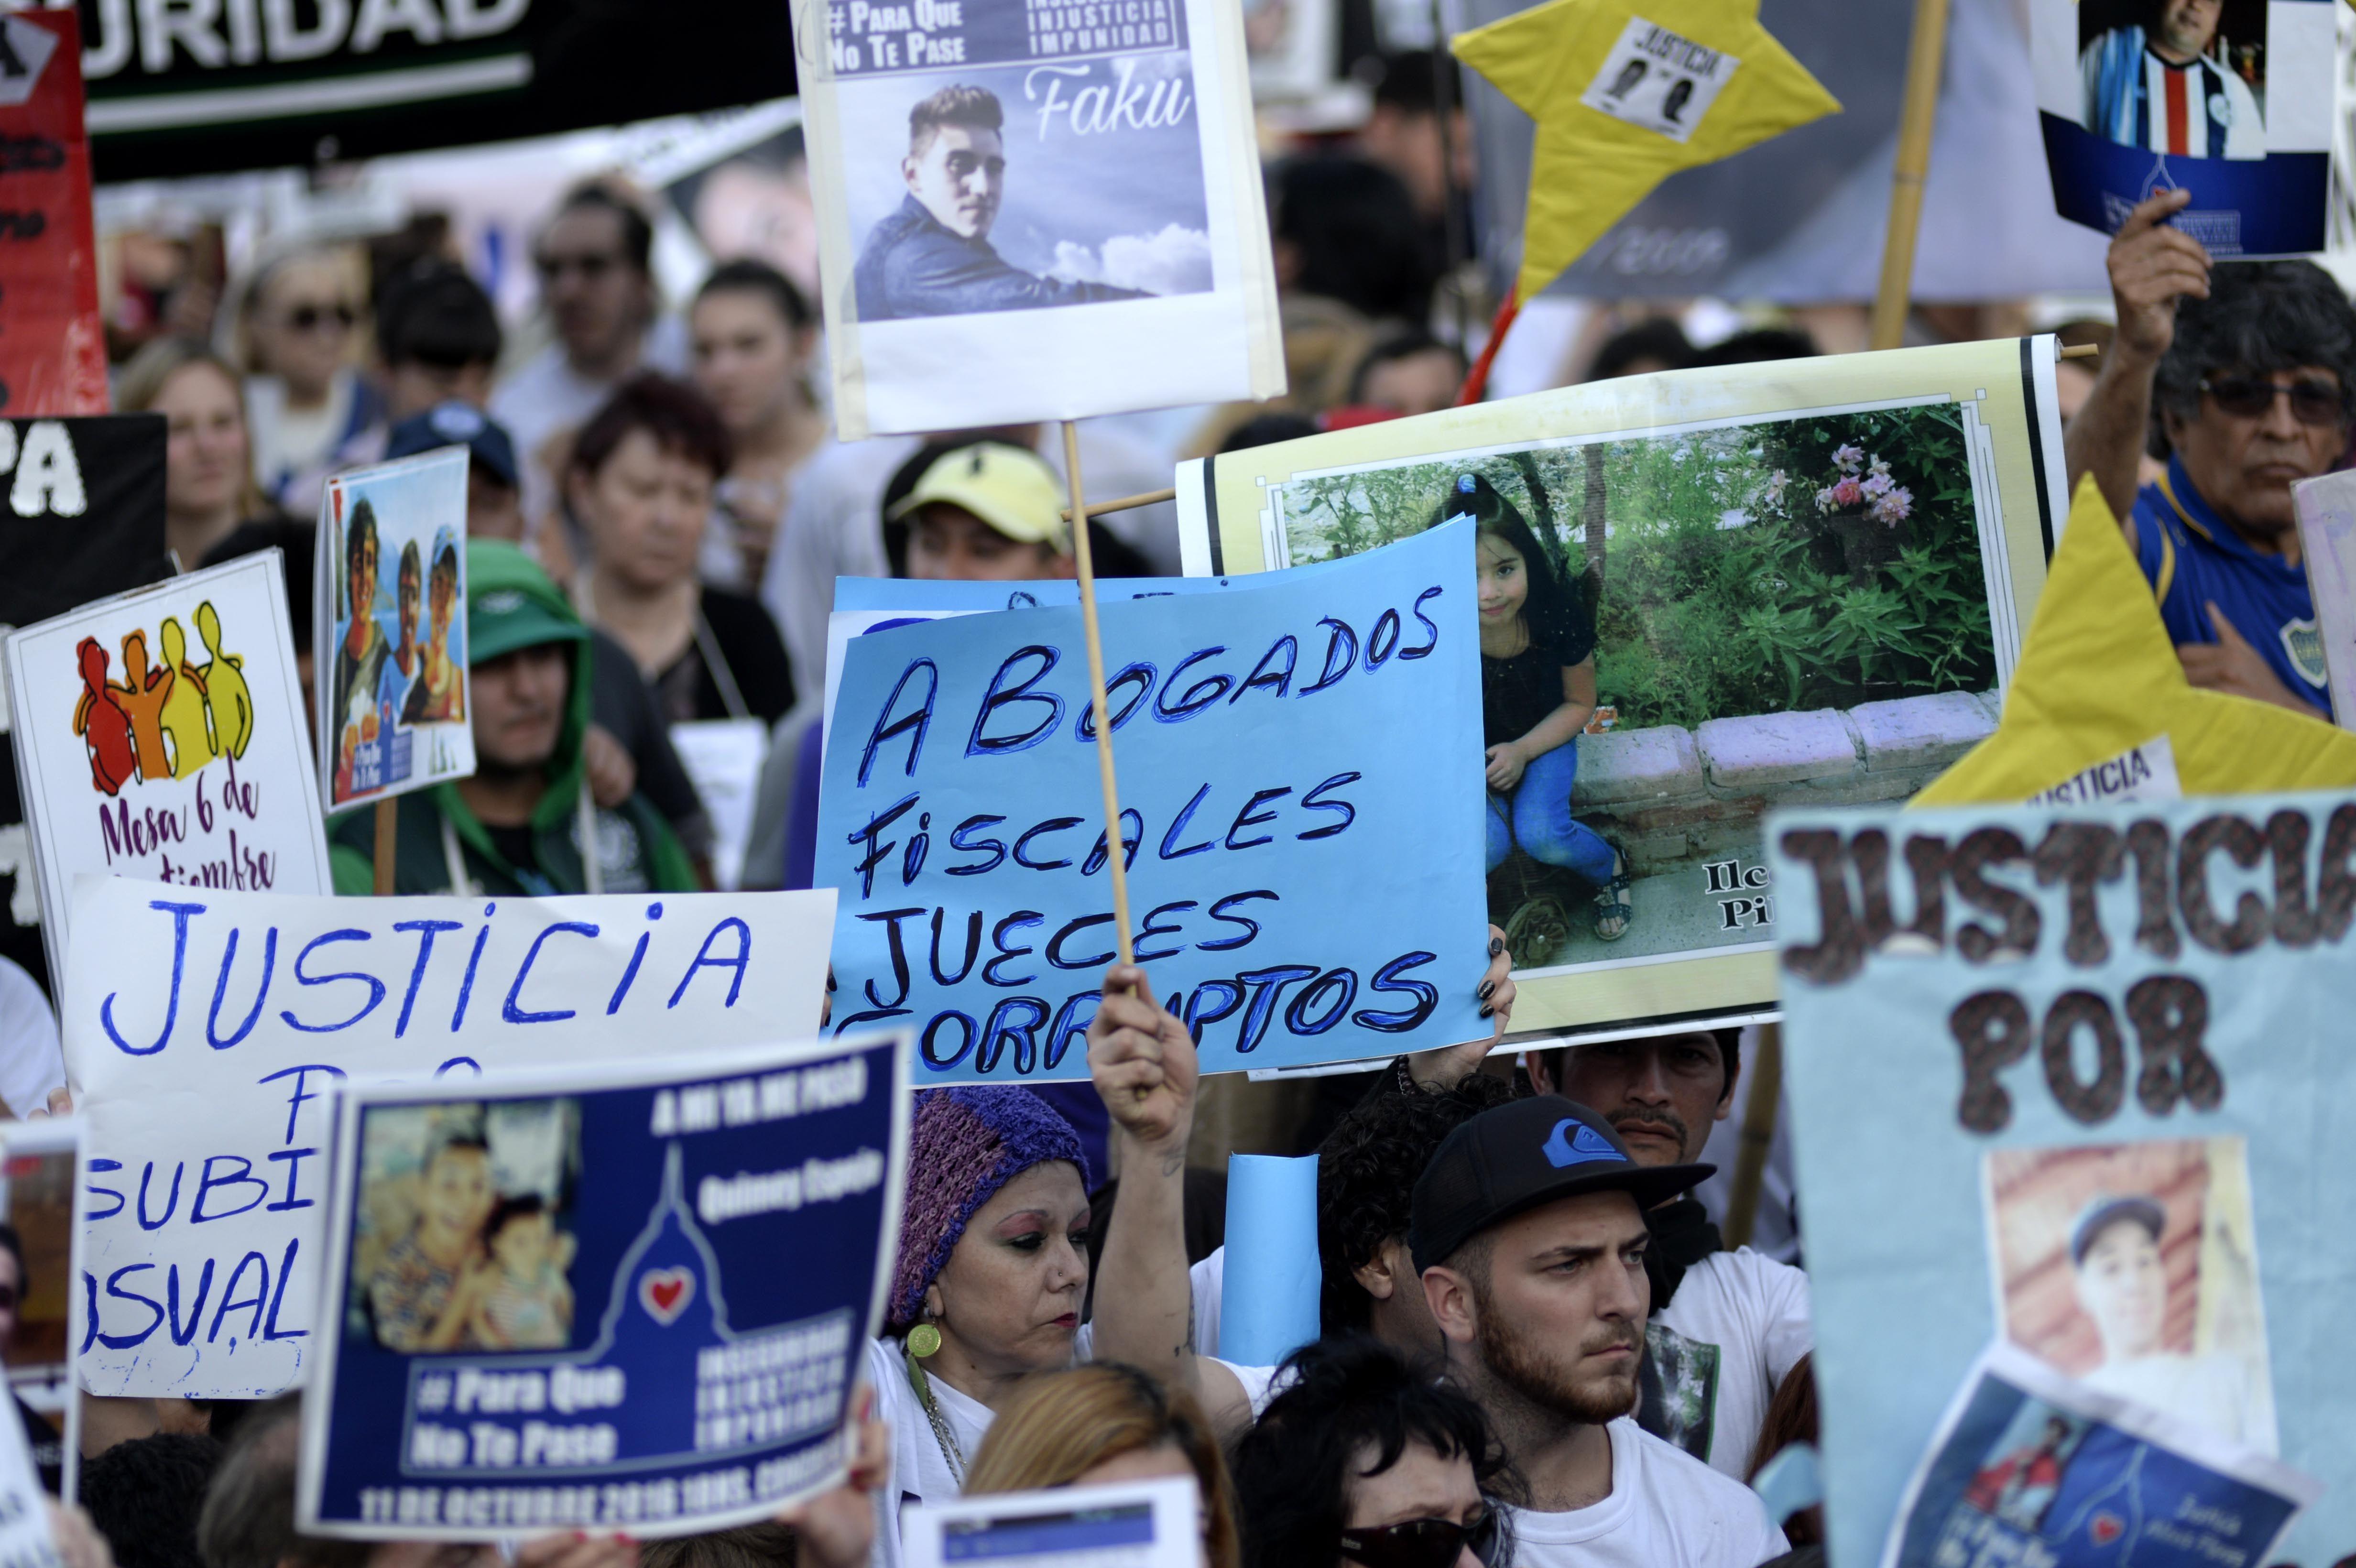 {altText(La marcha contra la inseguridad #ParaQueNoTePase, en el Congreso.<br>,#ParaQueNoTePase: miles de personas marcharon contra la inseguridad)}